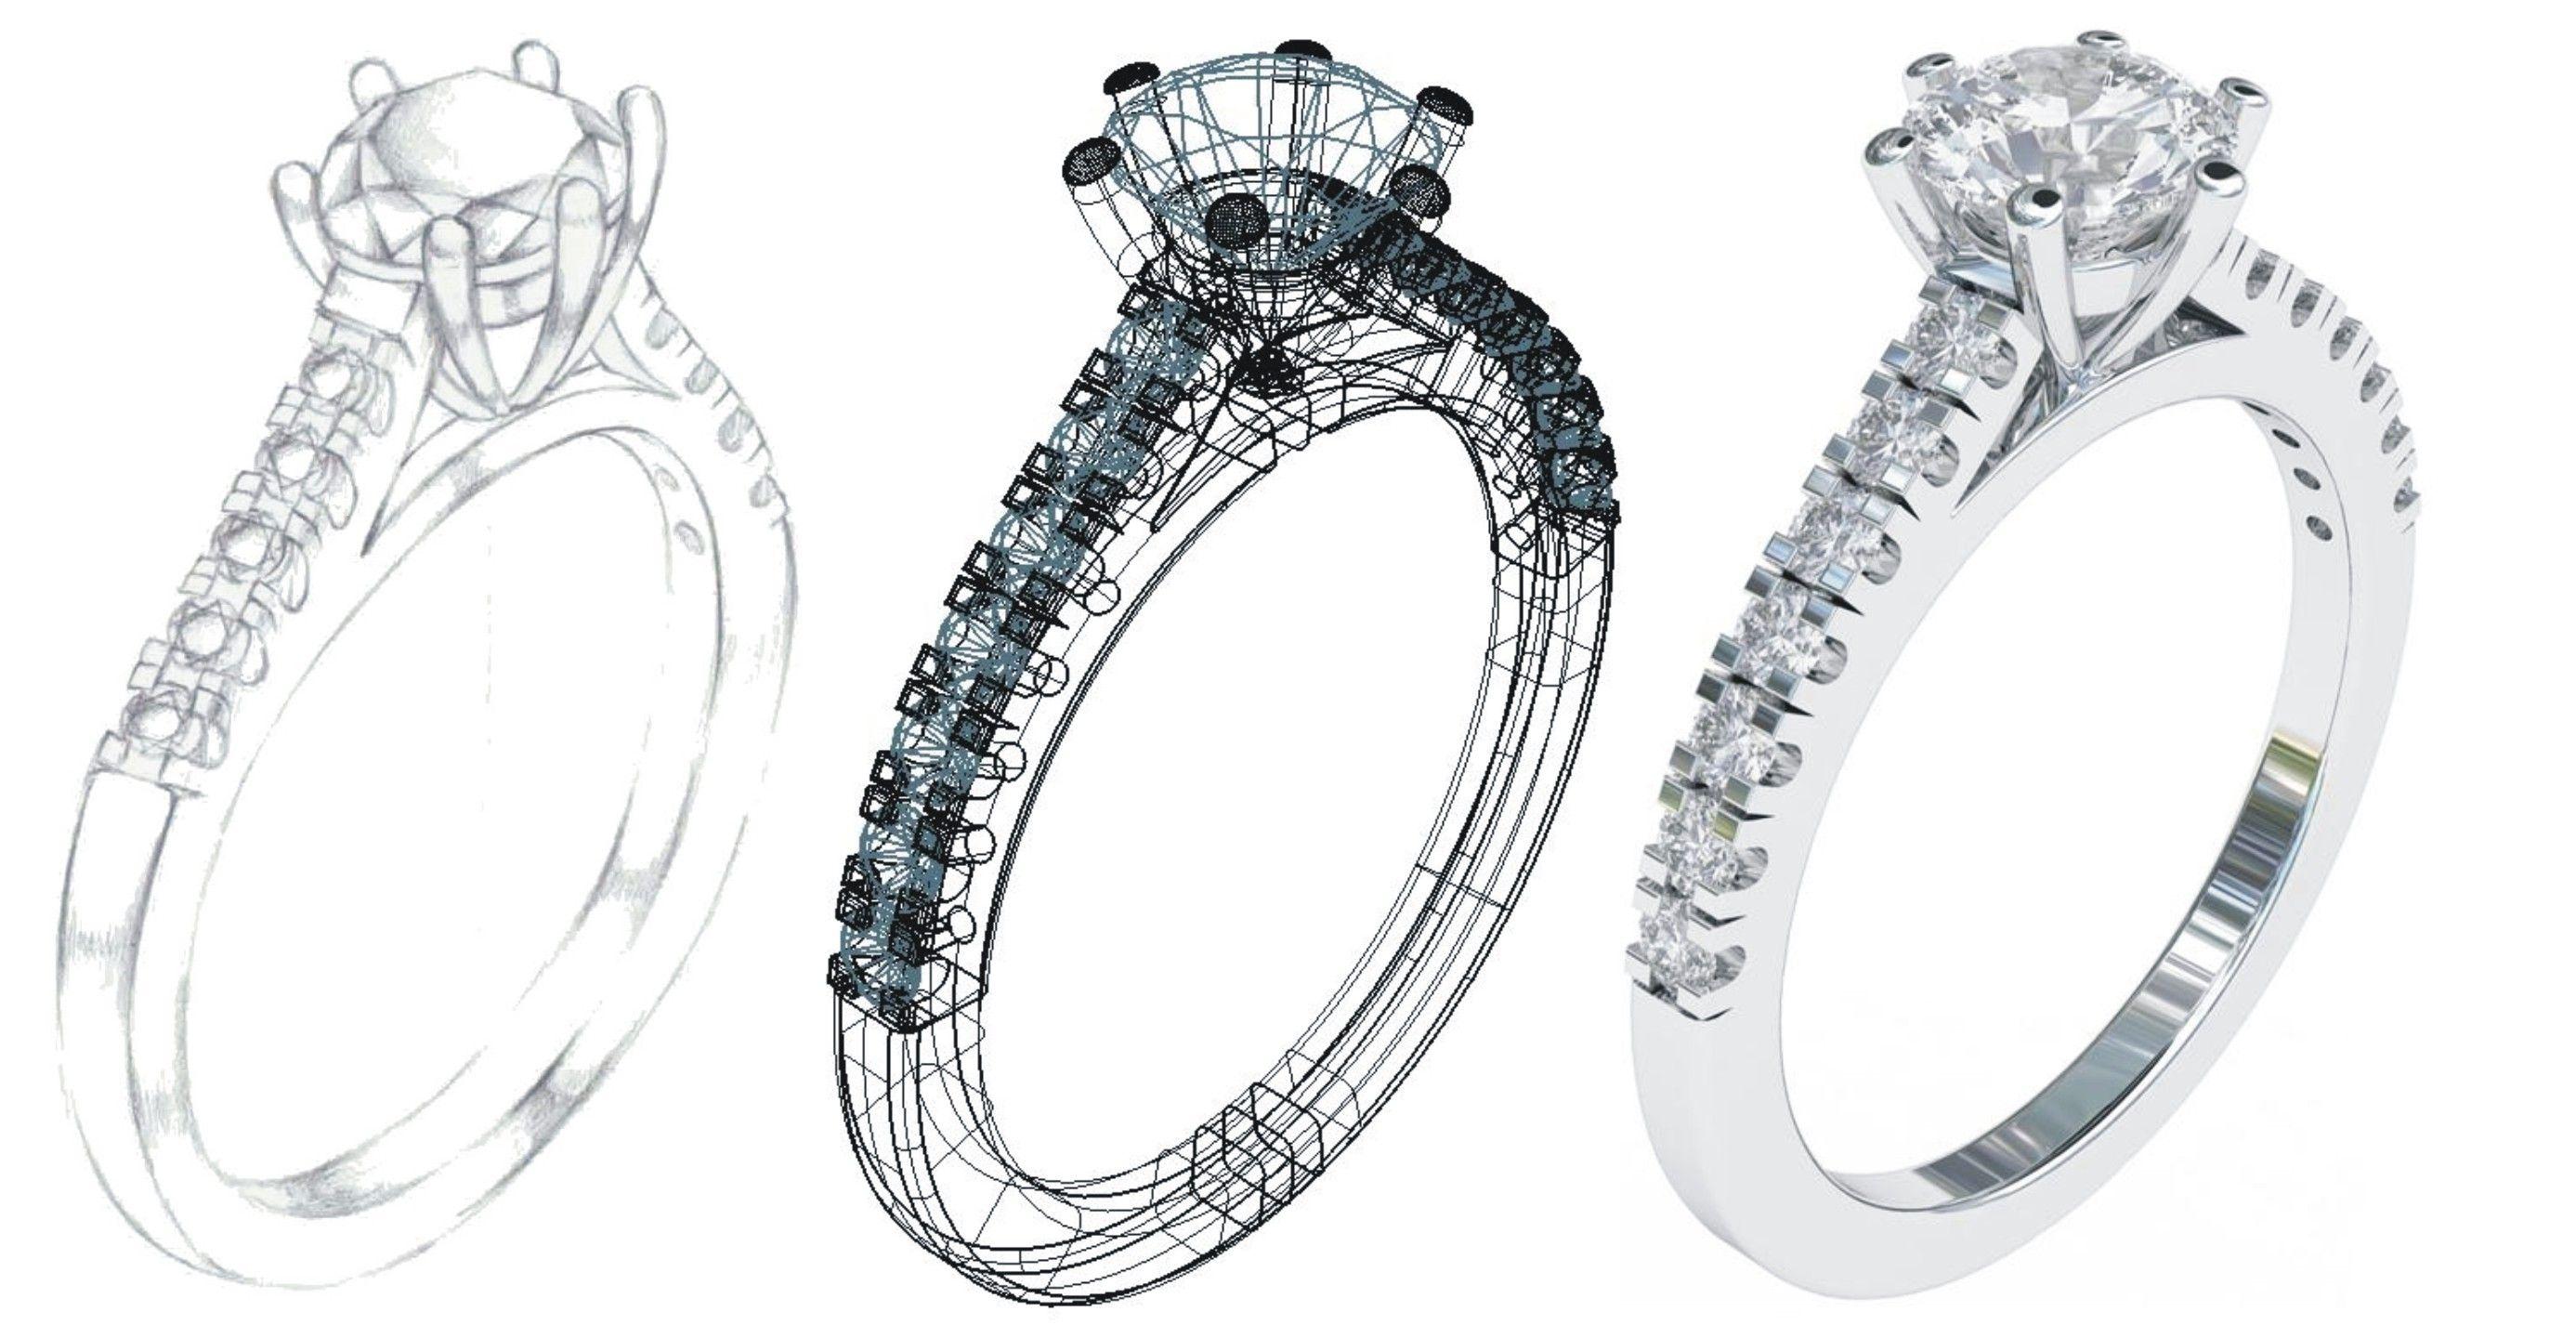 CAD engagement solitaire | CAD-CAM/3-D Printed Pieces | Pinterest ...